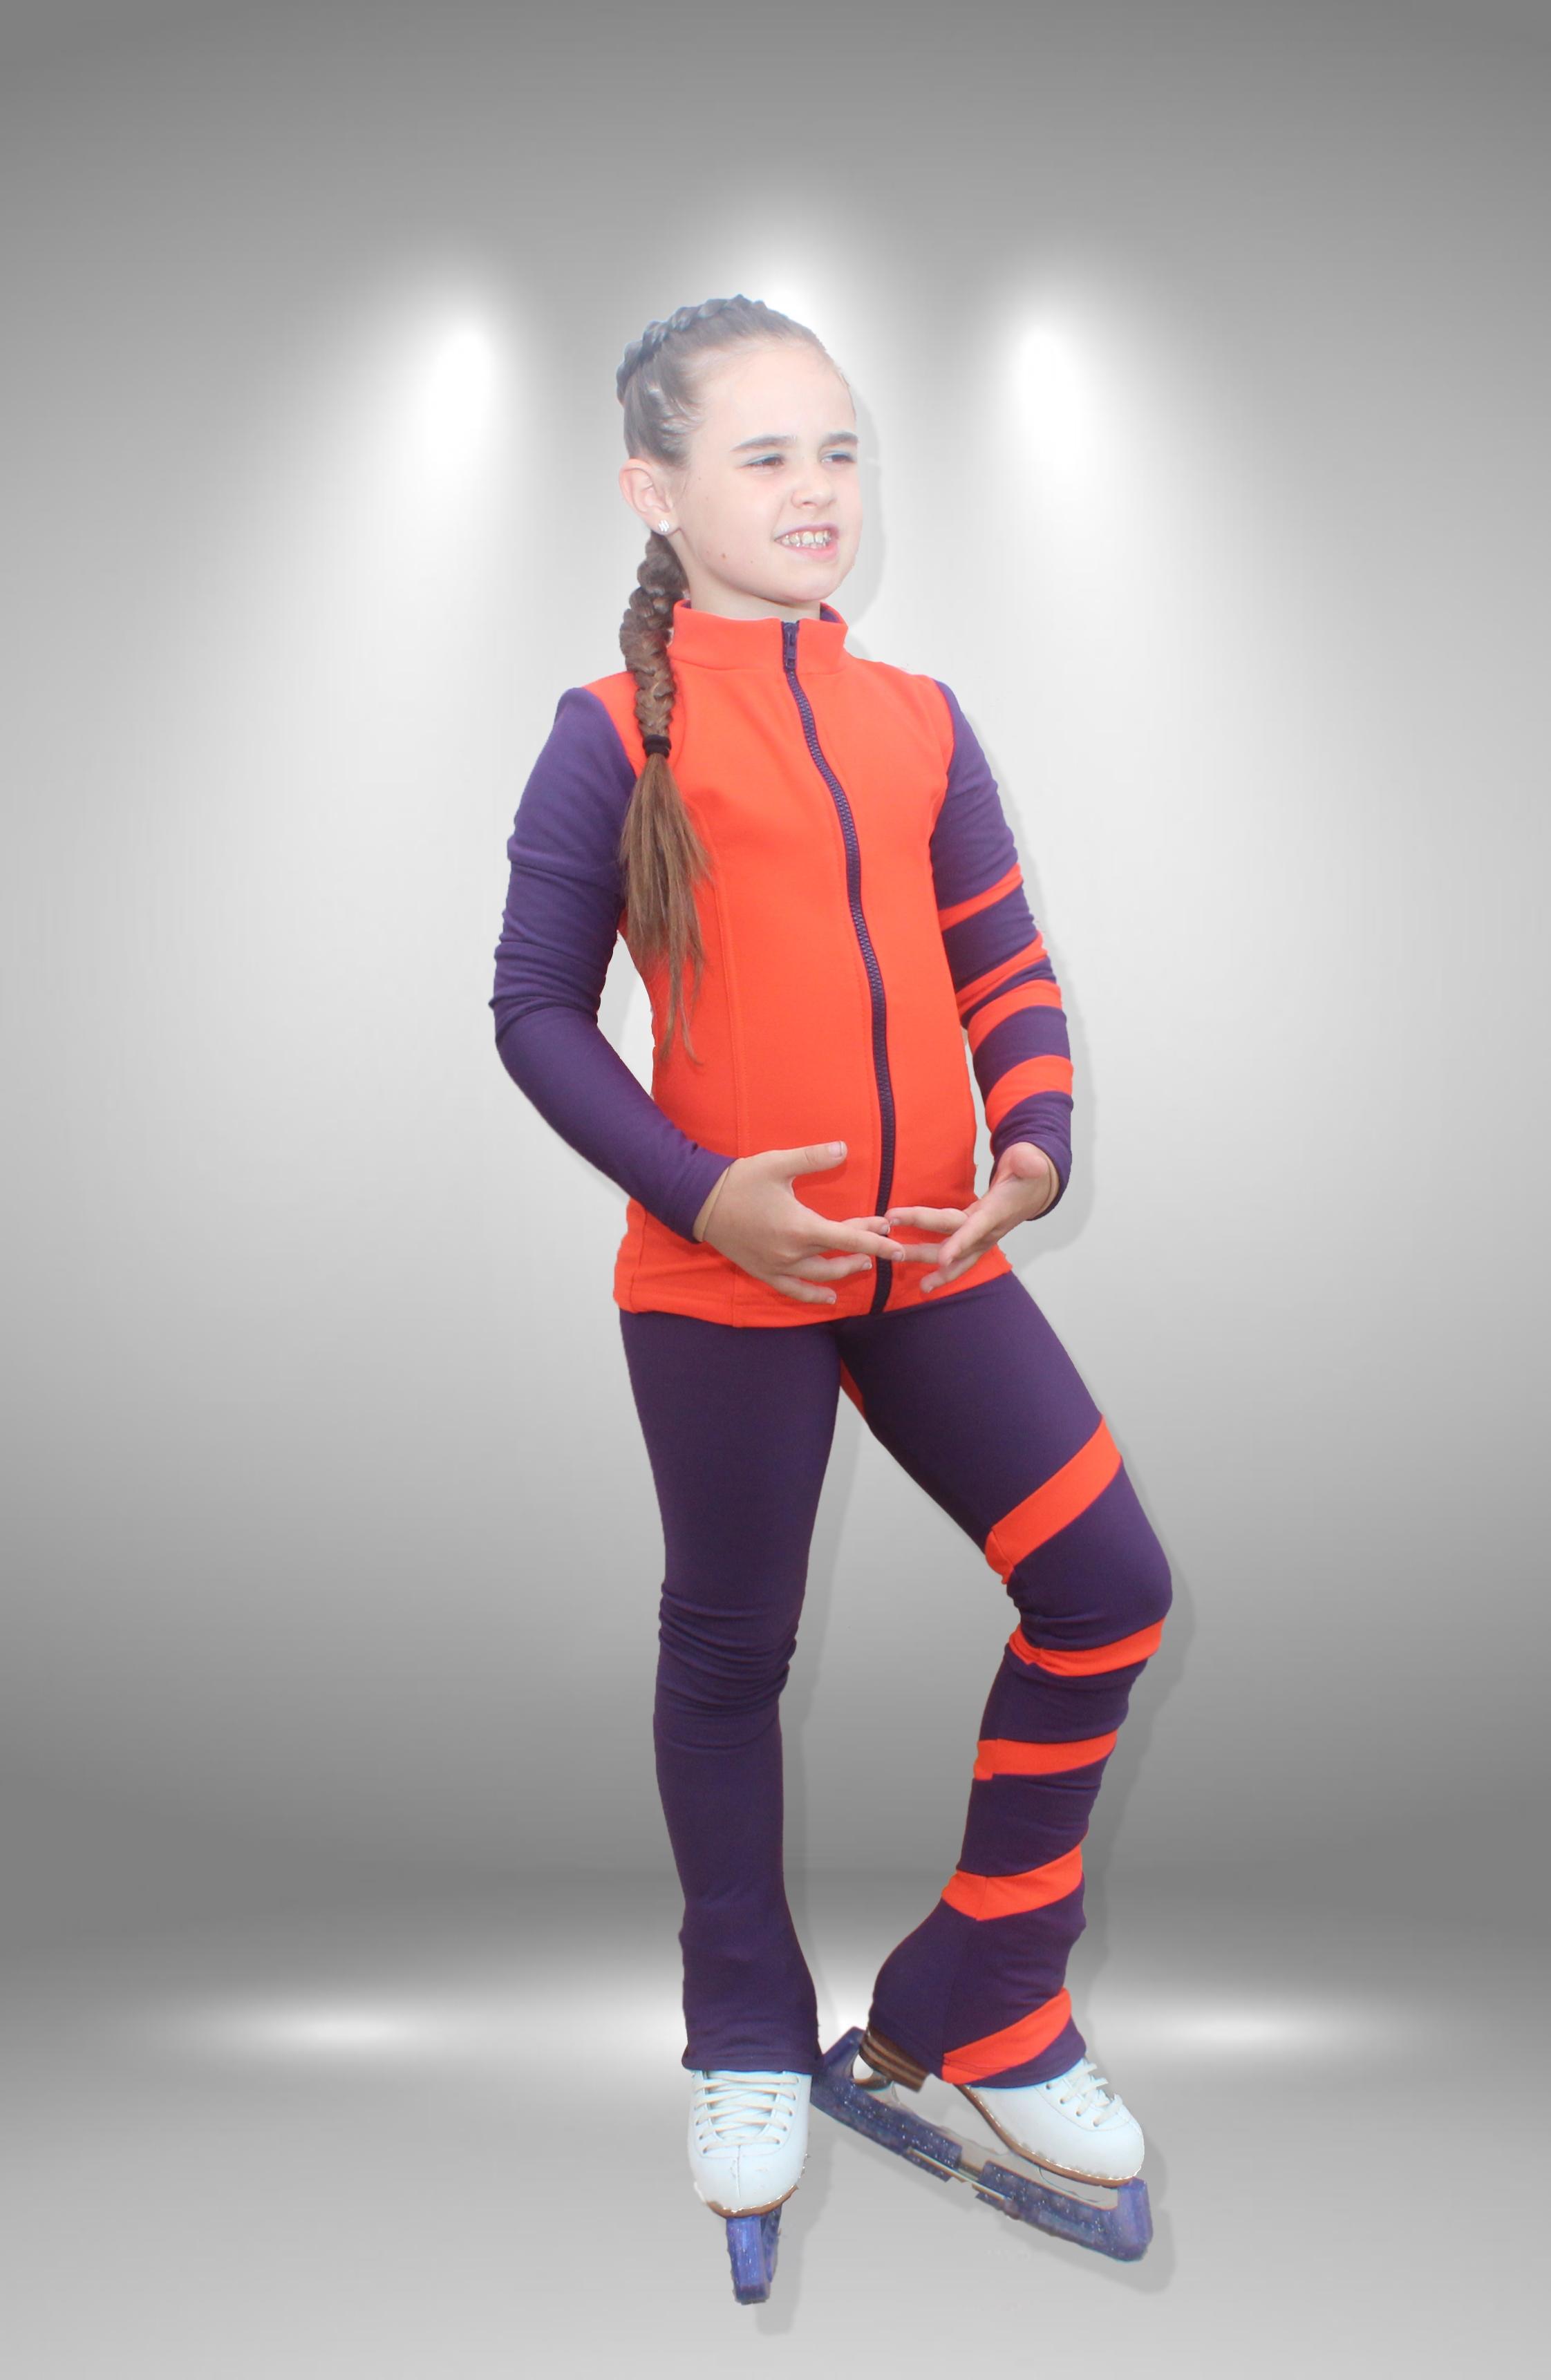 """Термо костюм для фигурного катания """"Лента"""" фиолетово-персиковый"""